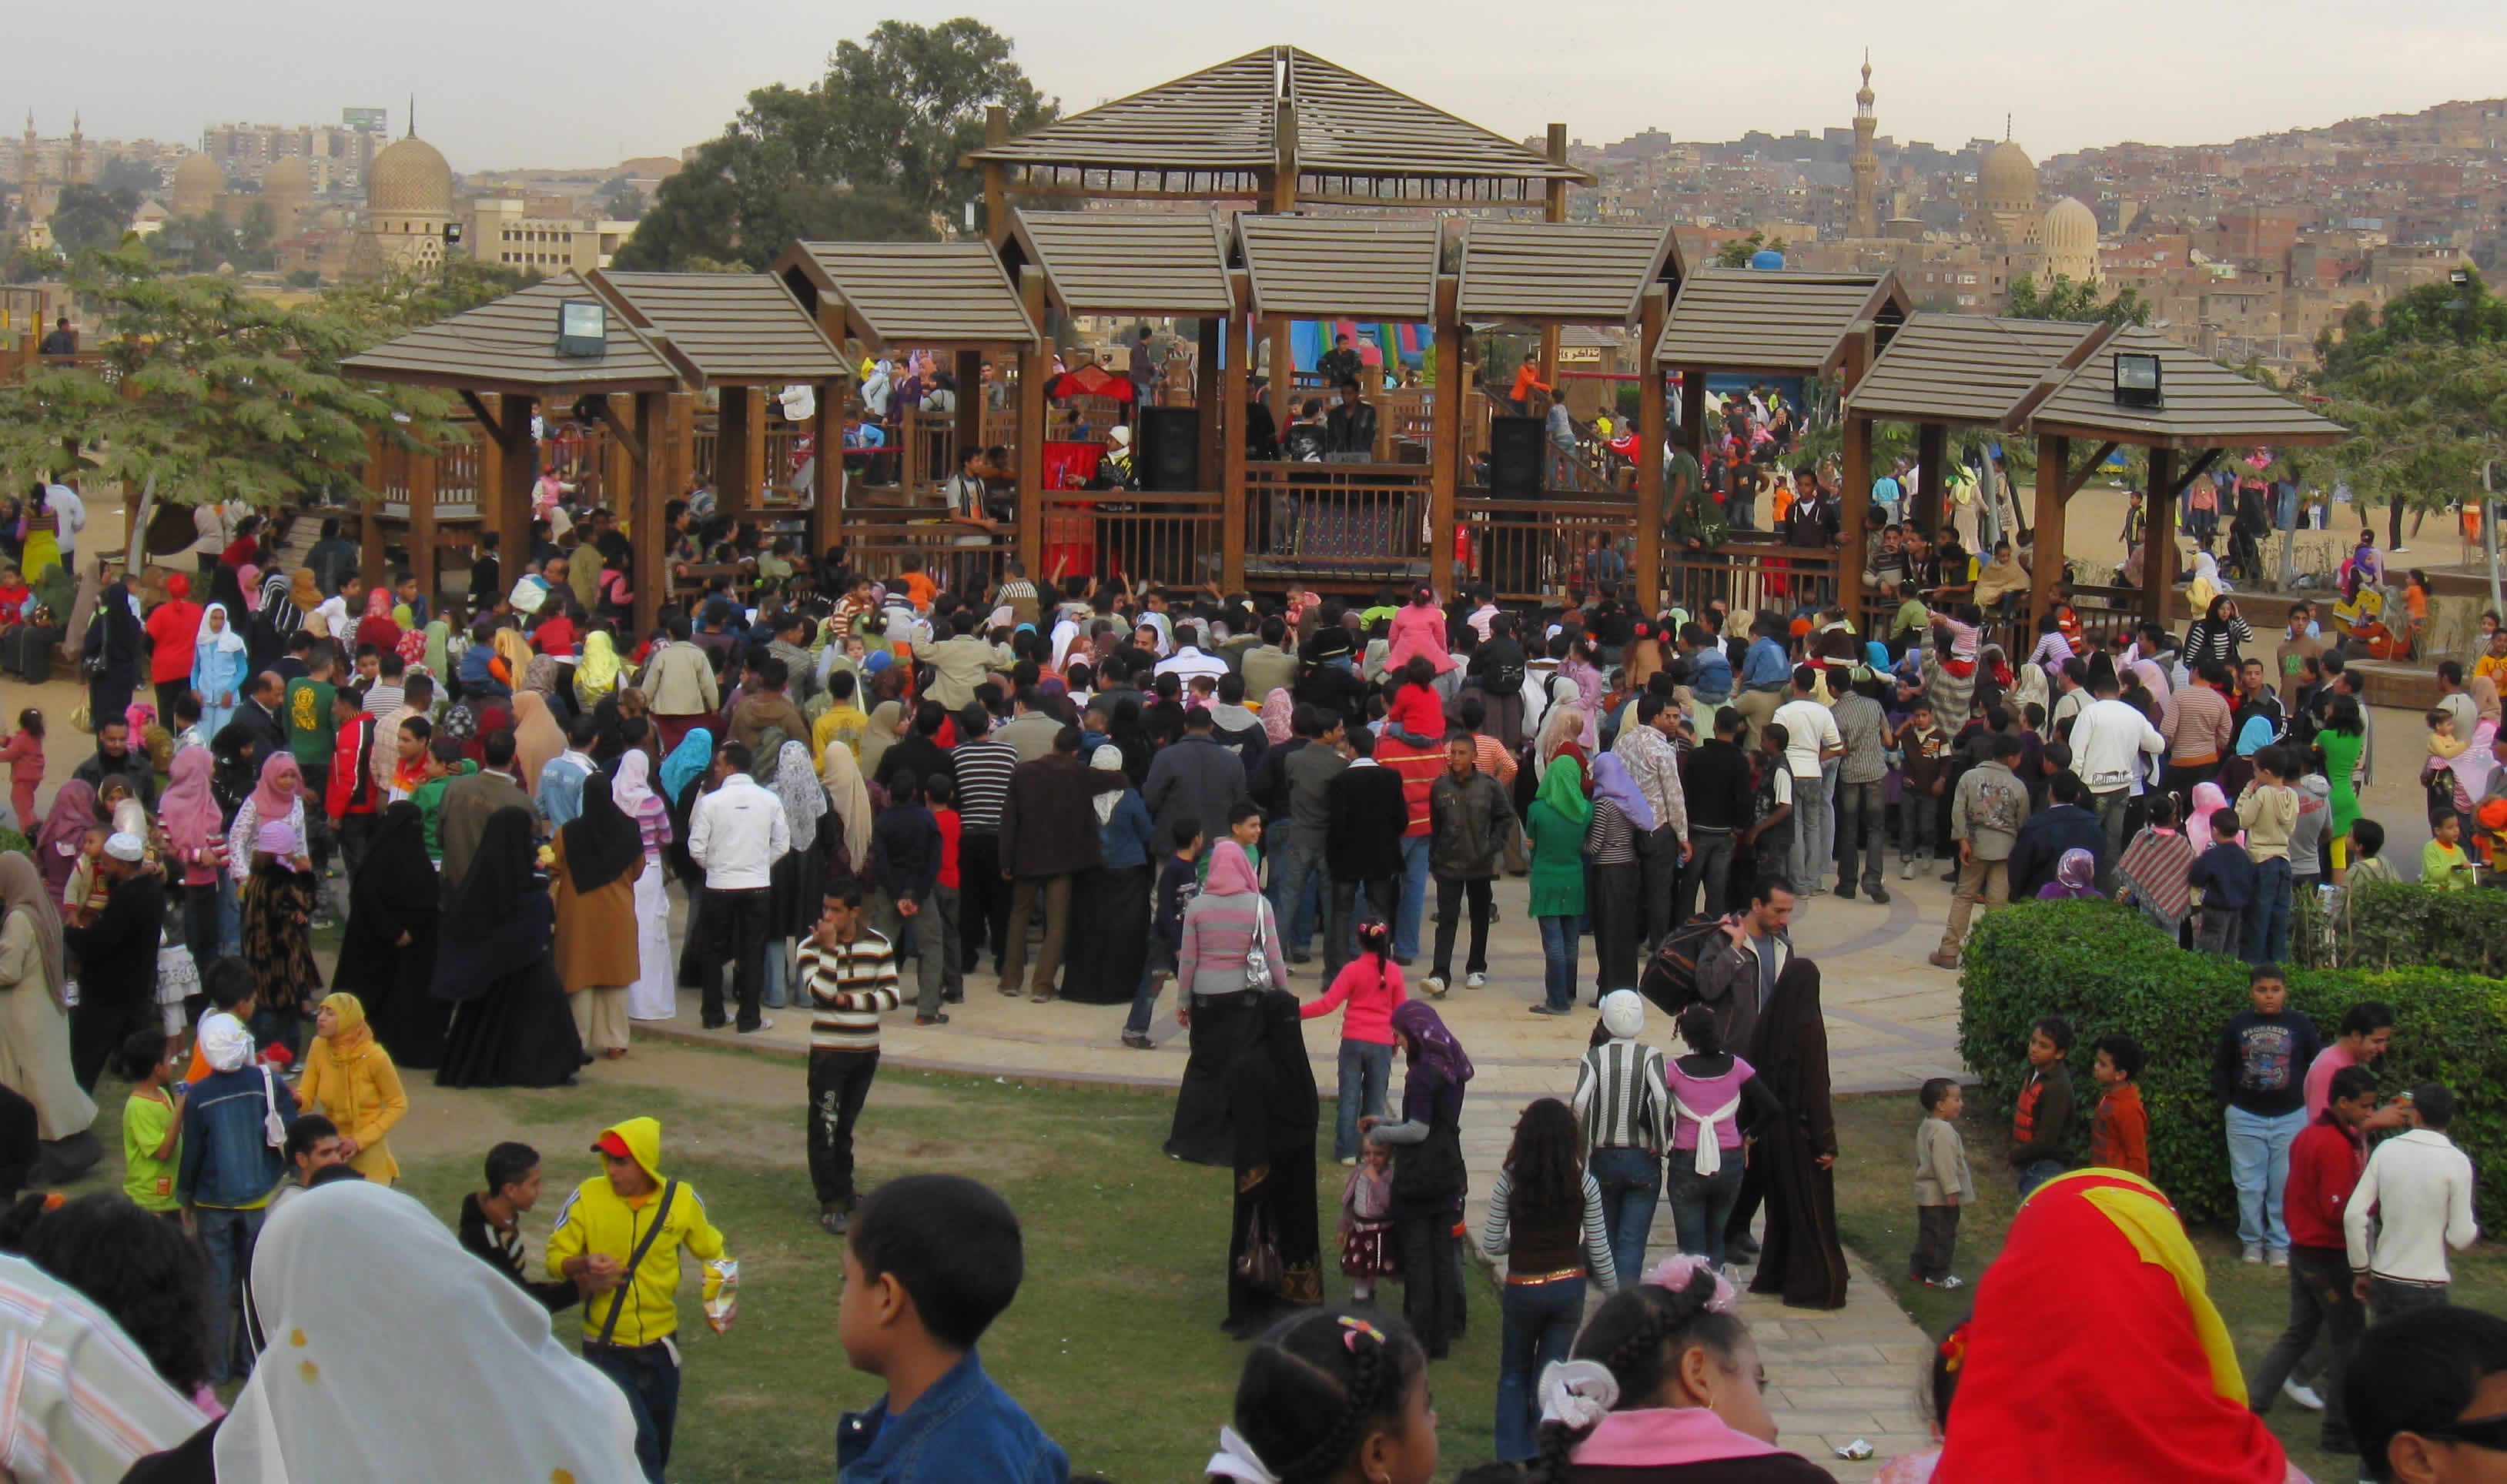 The Playground at Al-Ahzar Park during the Eid.